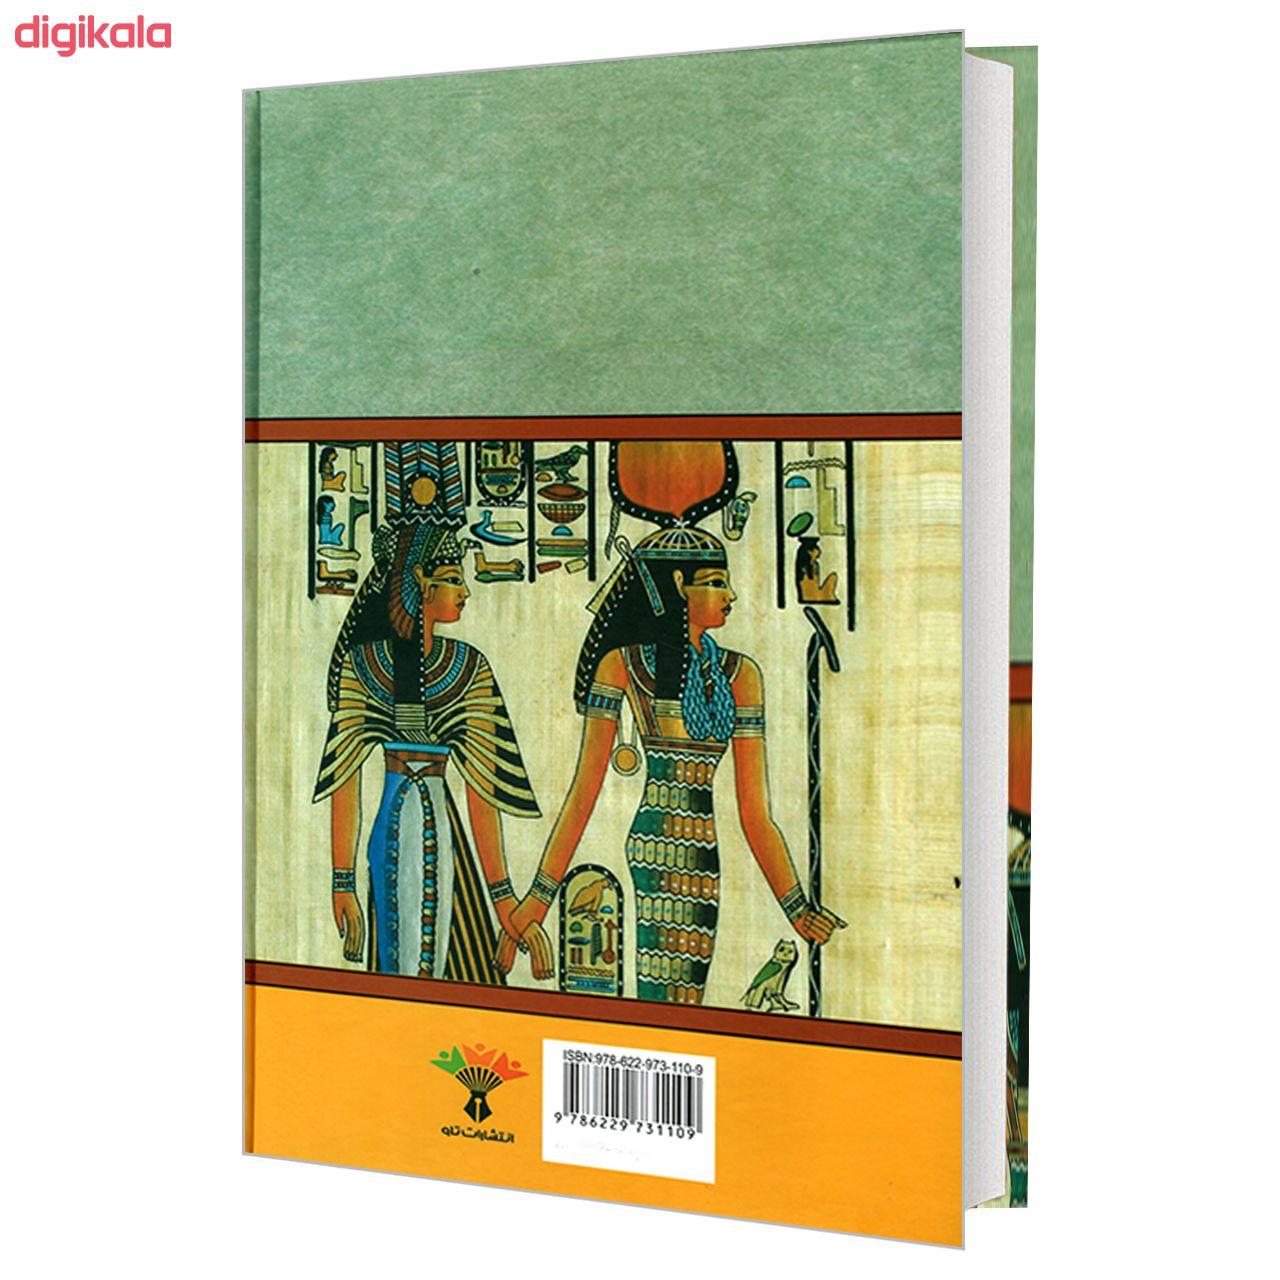 کتاب کنیز ملکه مصر اثر میکل پیرامو نشر تاو main 1 1